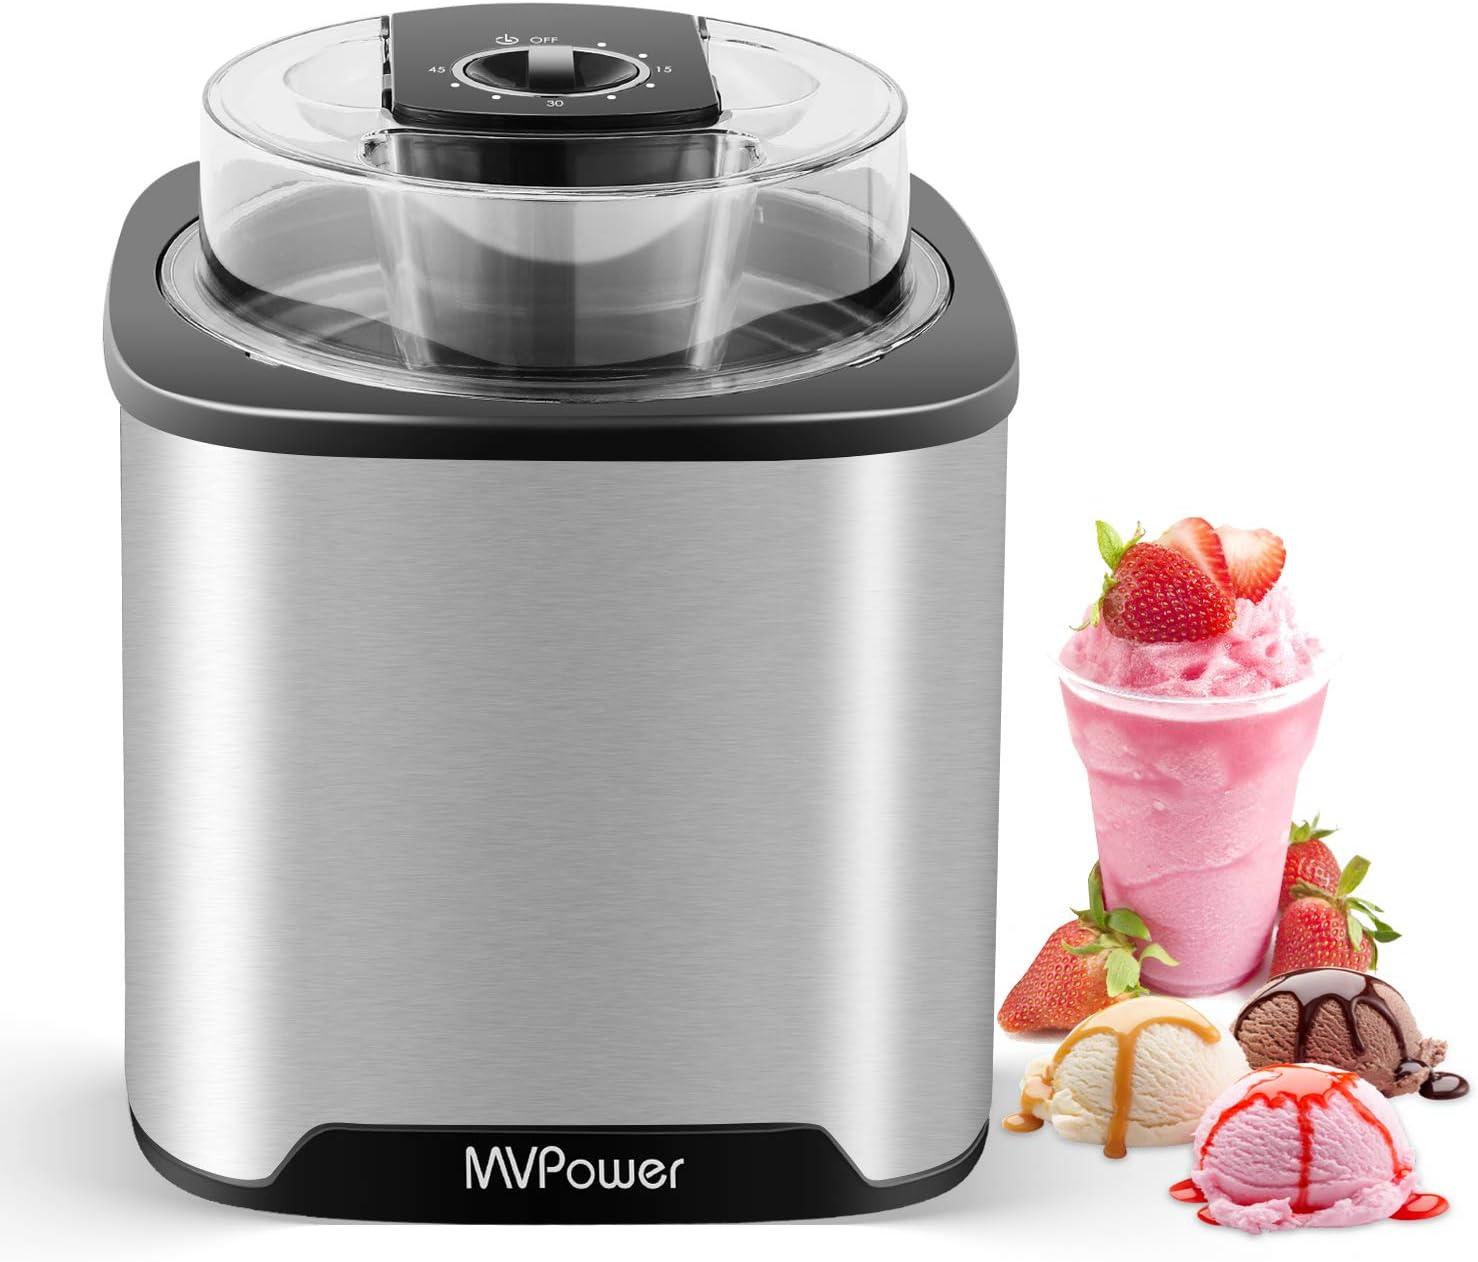 Máquina para hacer helados de MVPower